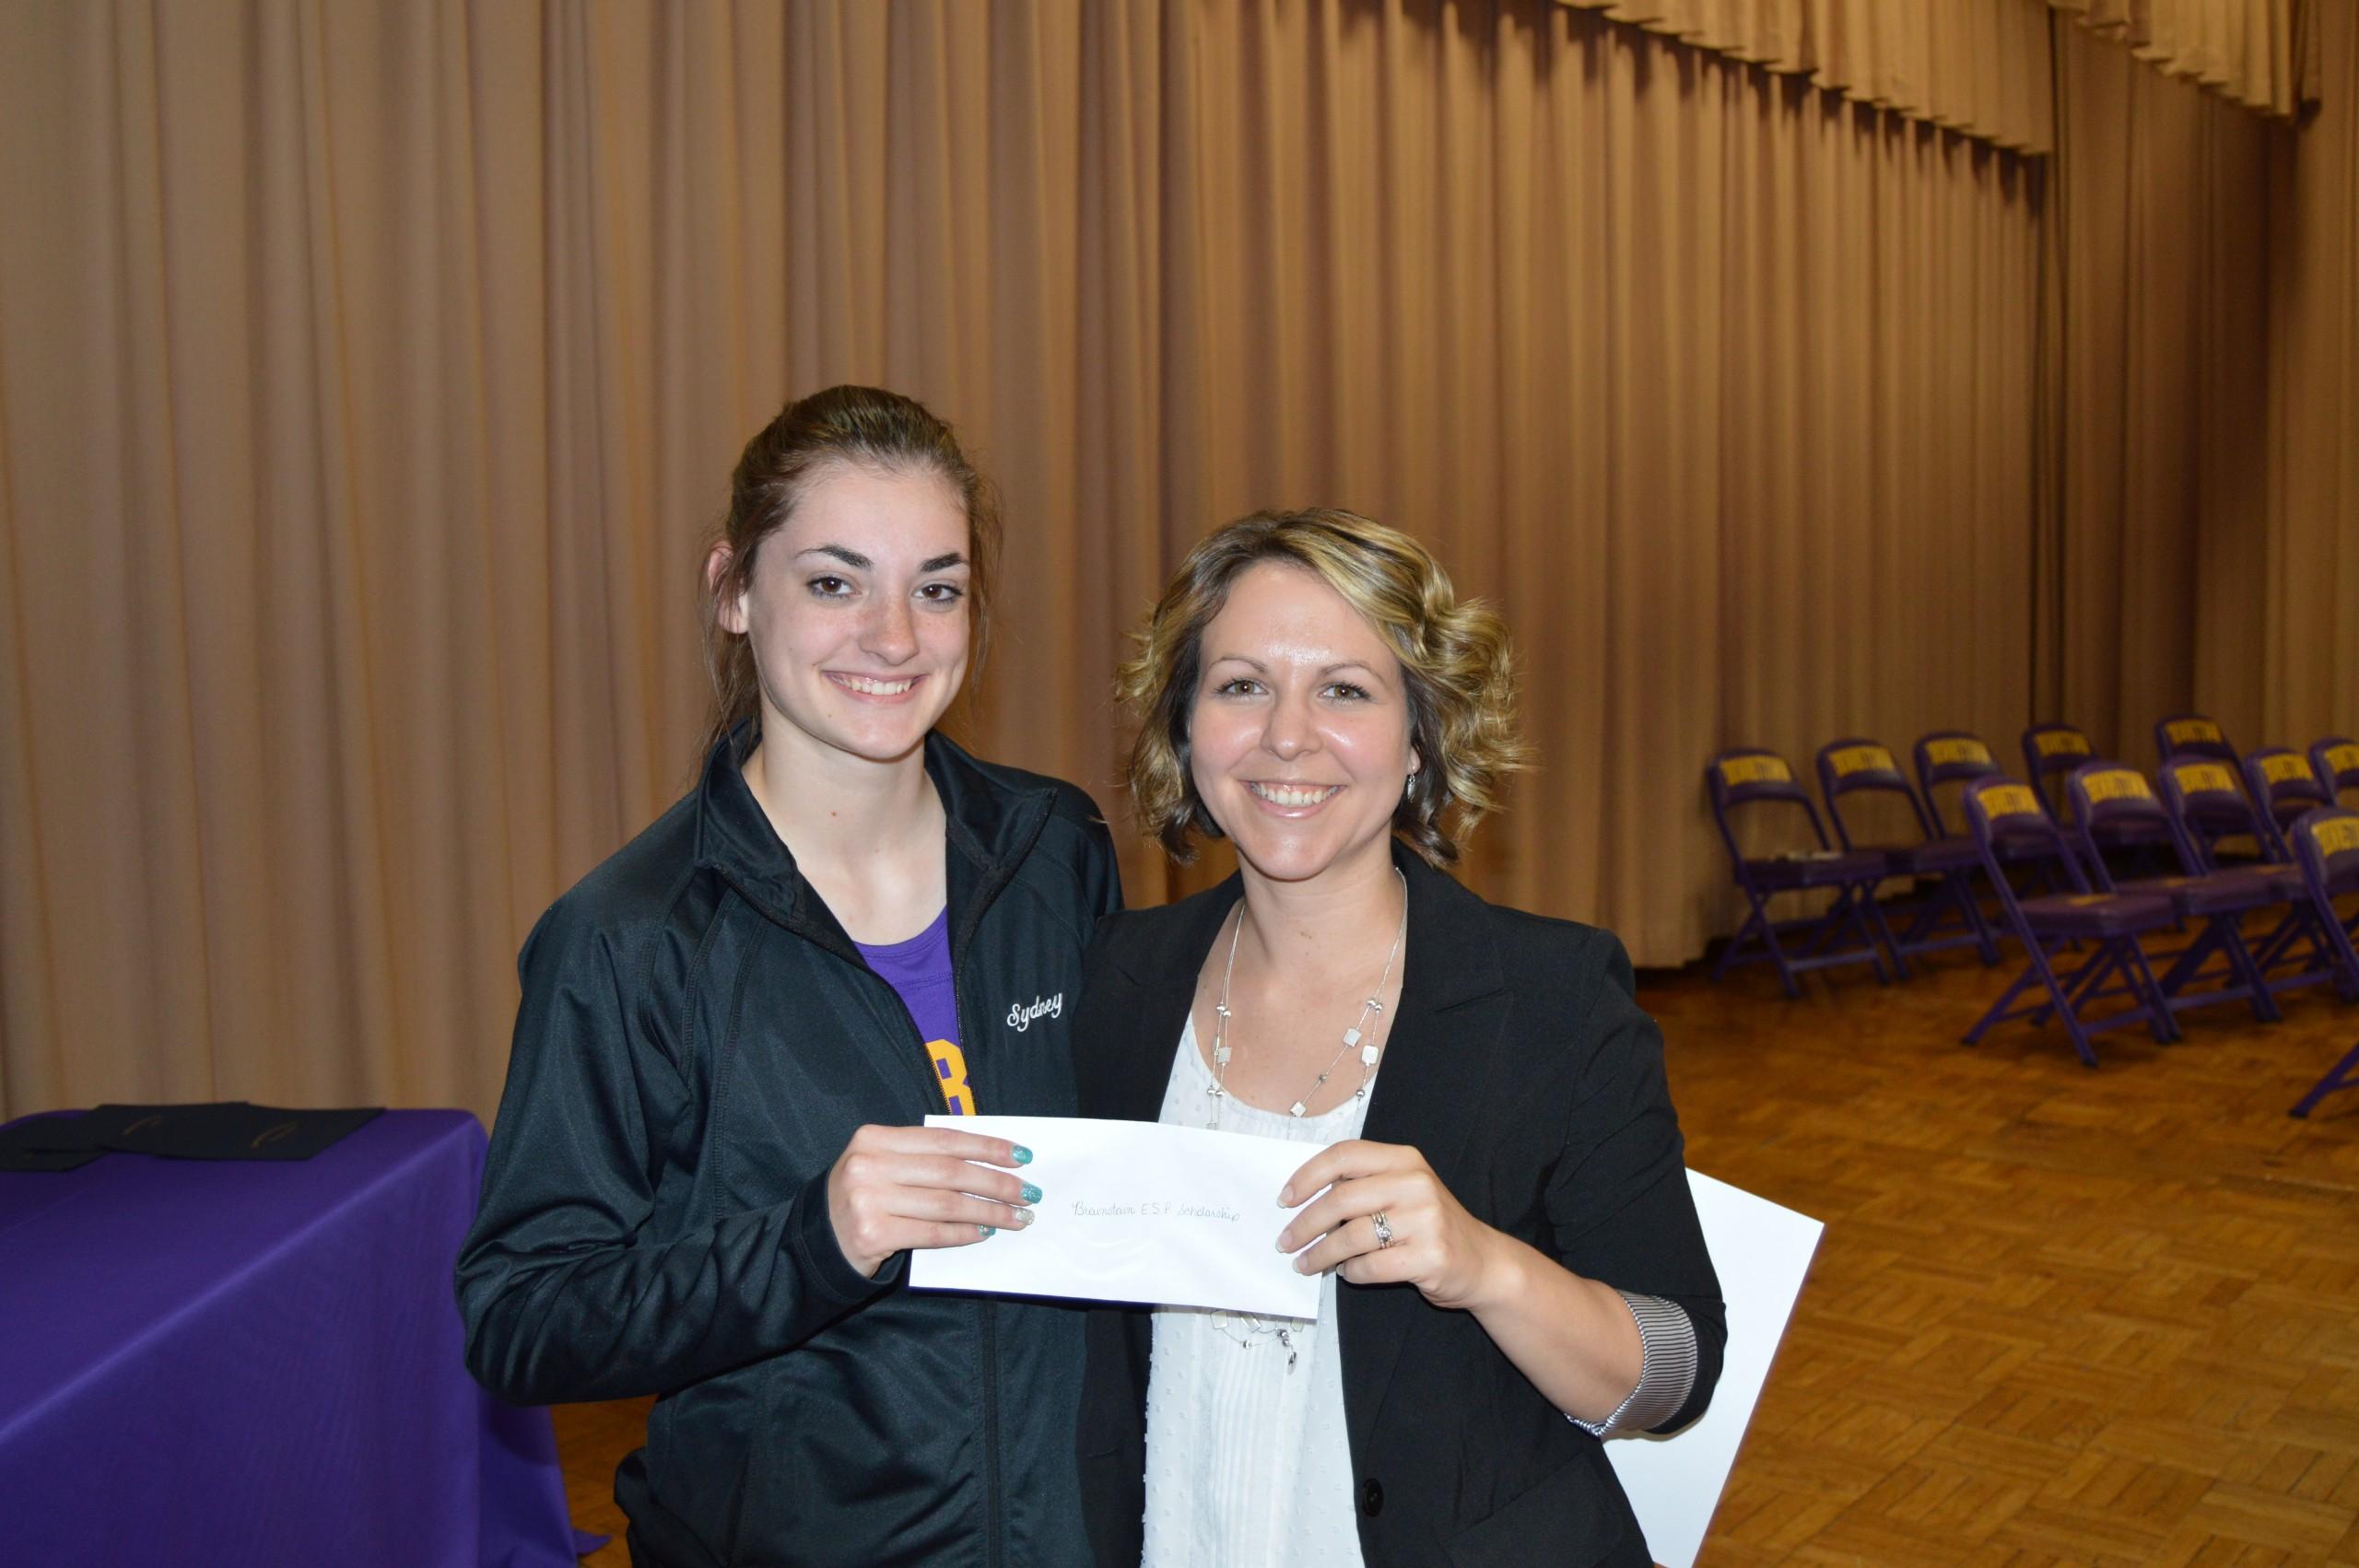 Sydney Rosborough wins the ESPA Award